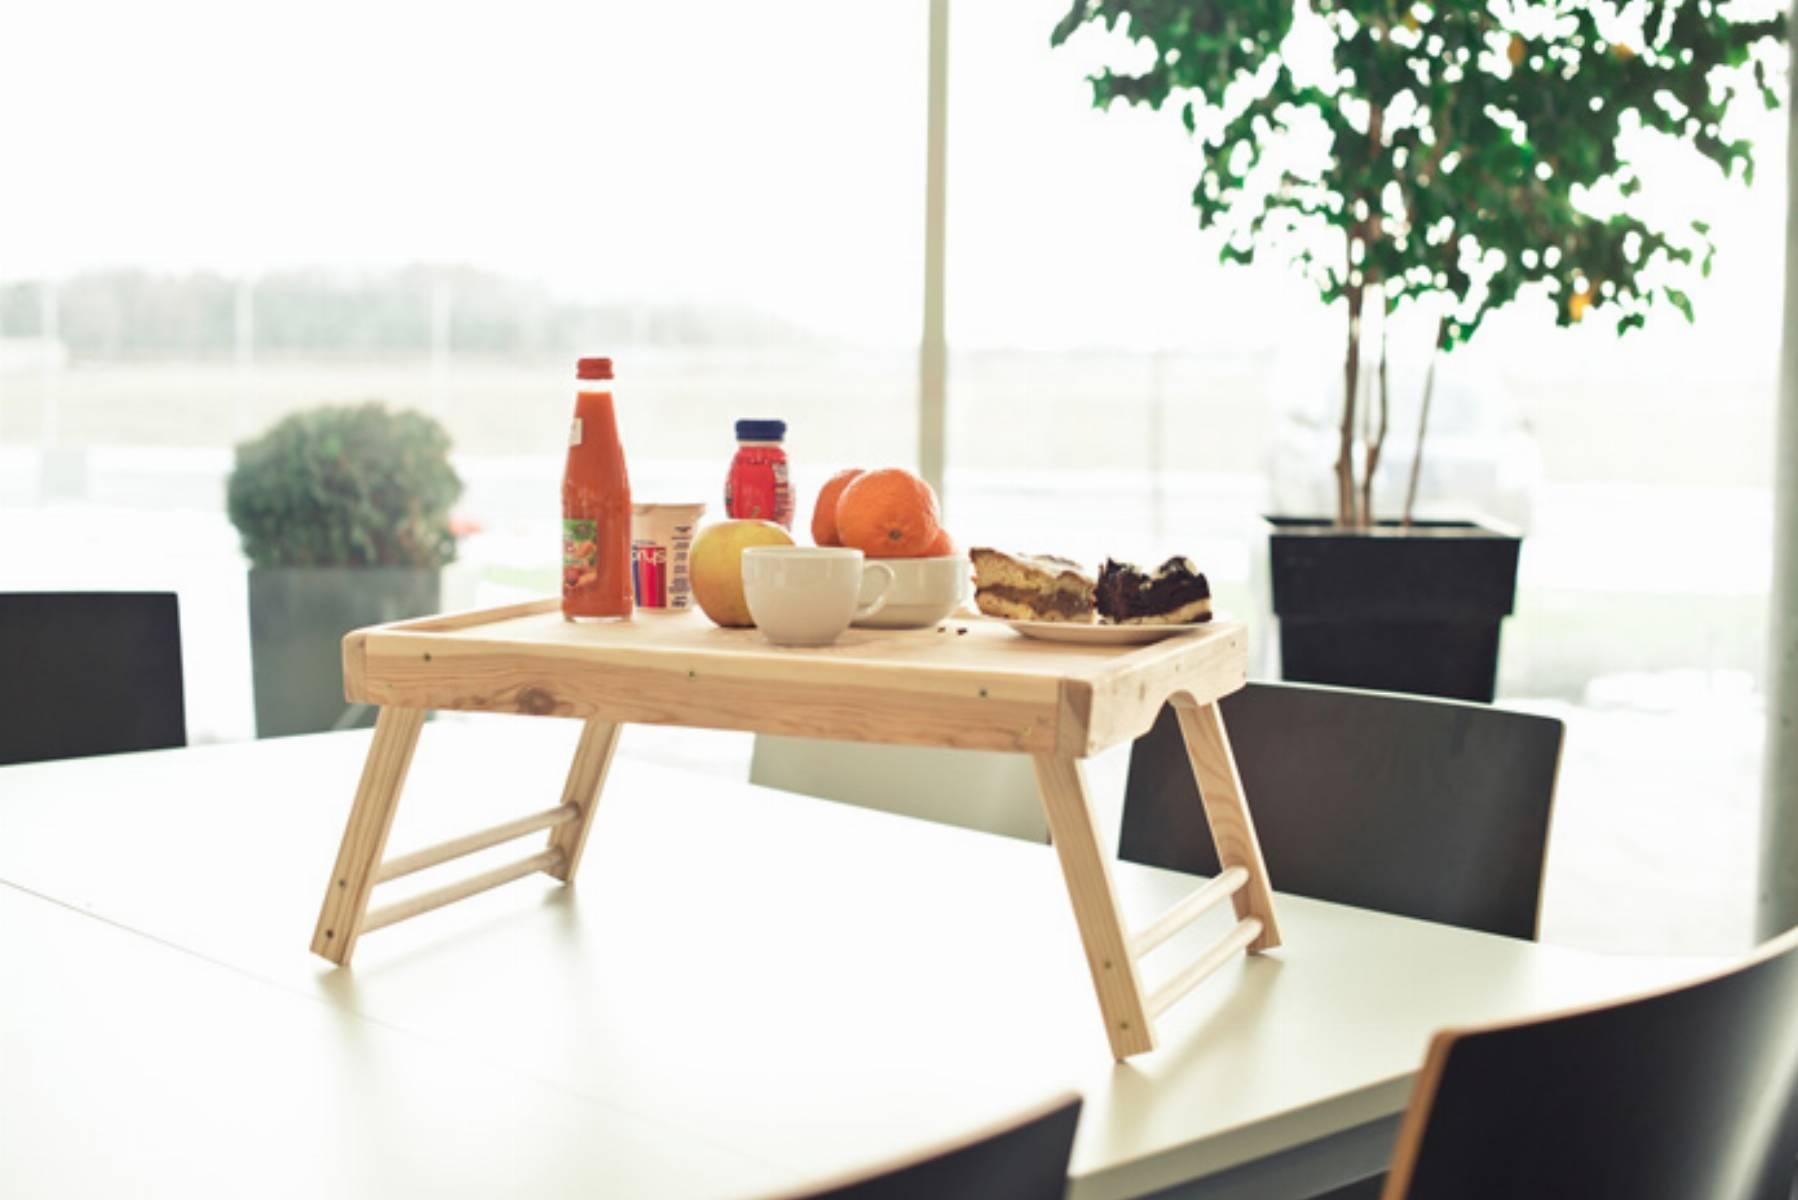 Diy Jak Zrobić Stolik śniadaniowy Kobietamagpl